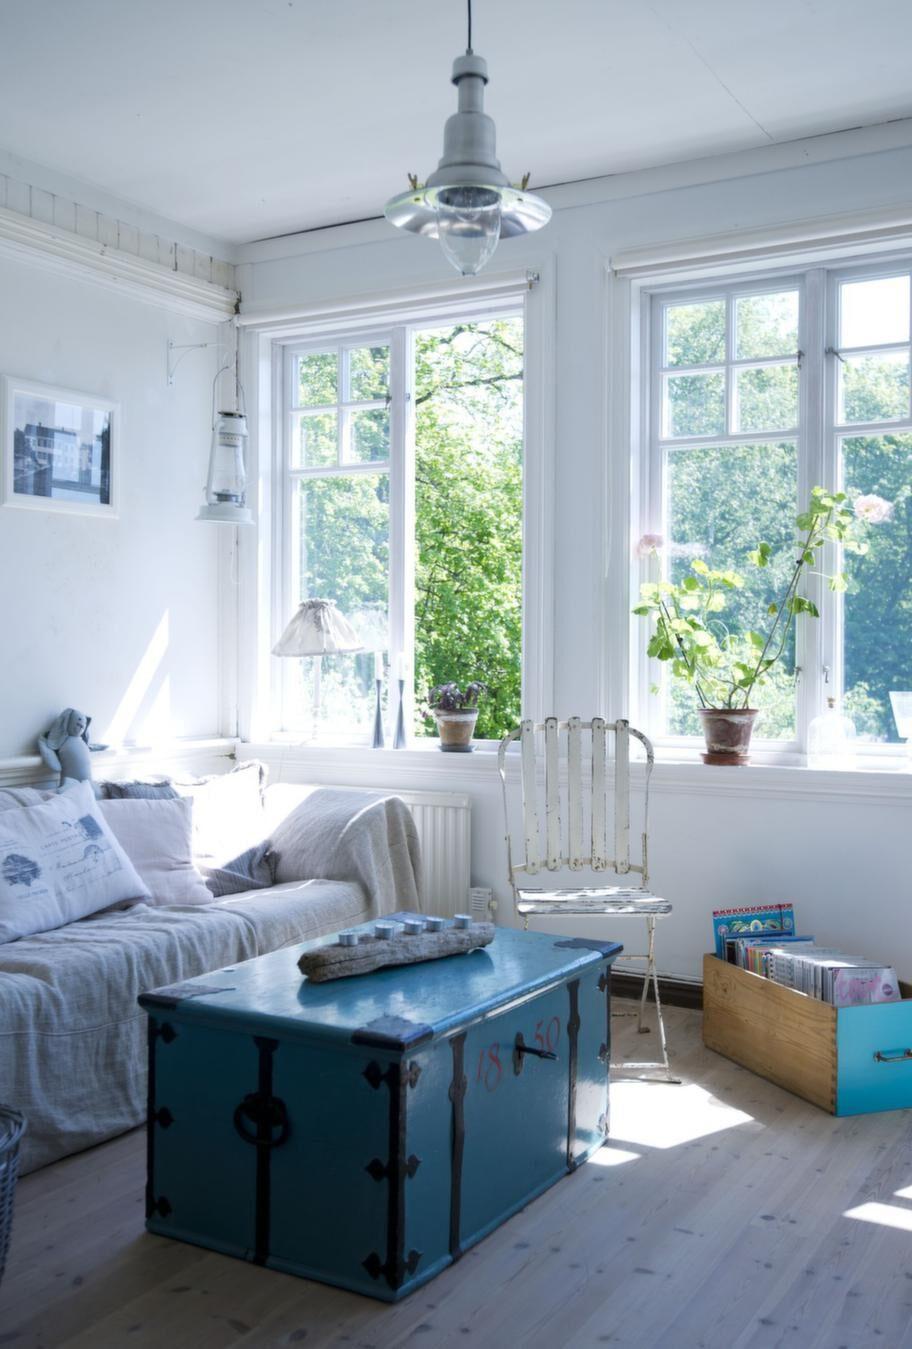 Ljust. Kistan hittade Fia på nätet målad och klar. Lampan i taket är från Ikea. Stolen är av märket Nordal.